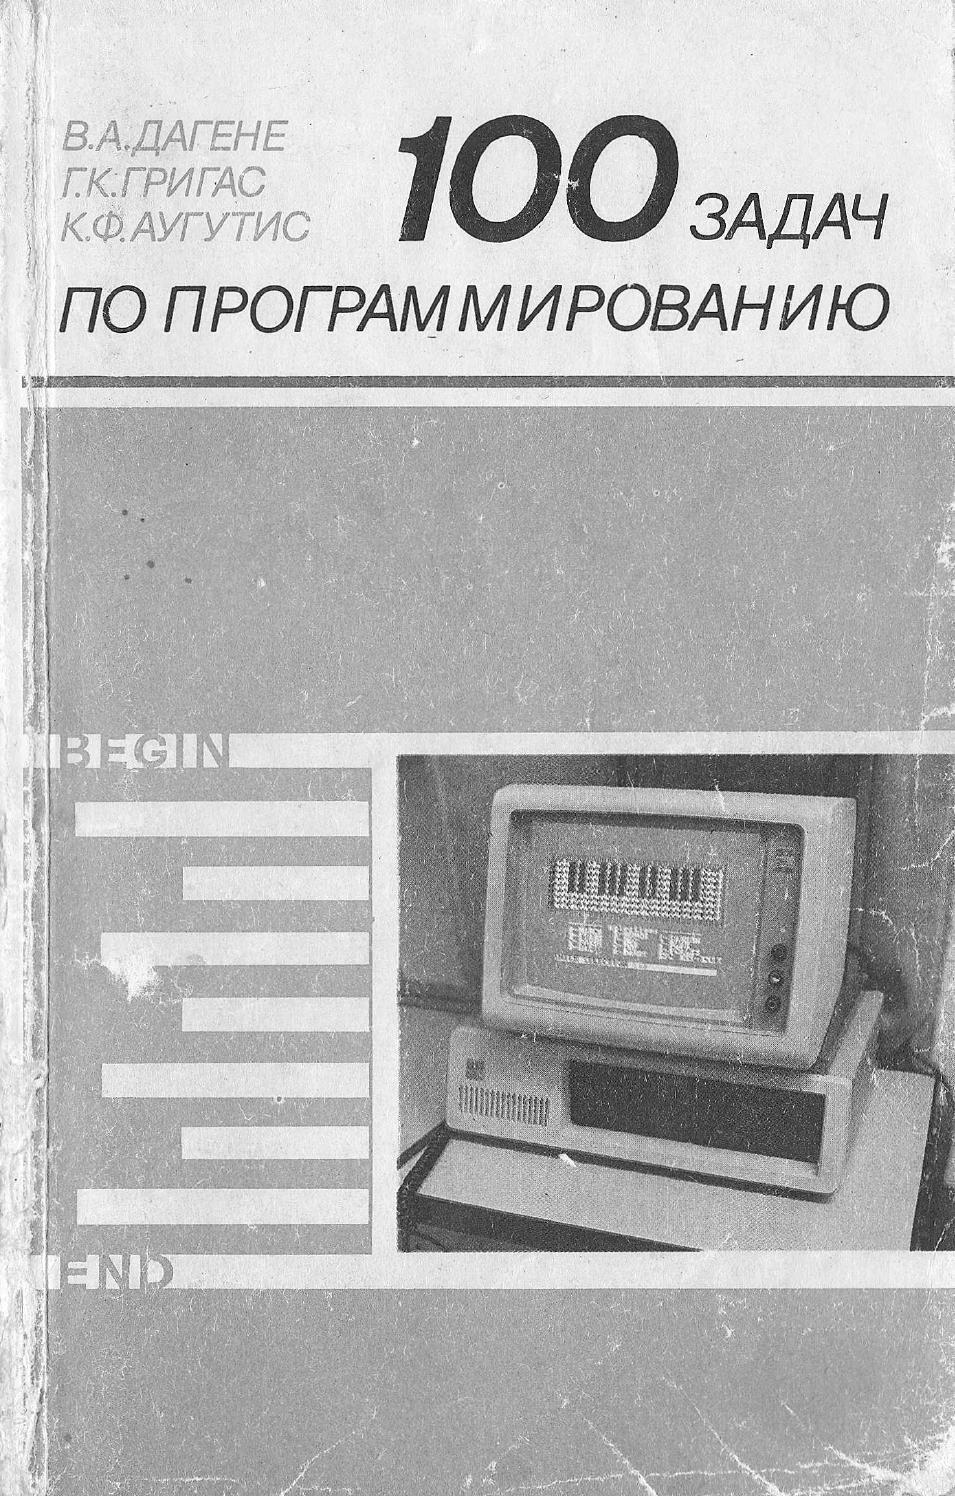 1991-2013 web-сборник-задач-по-программированию